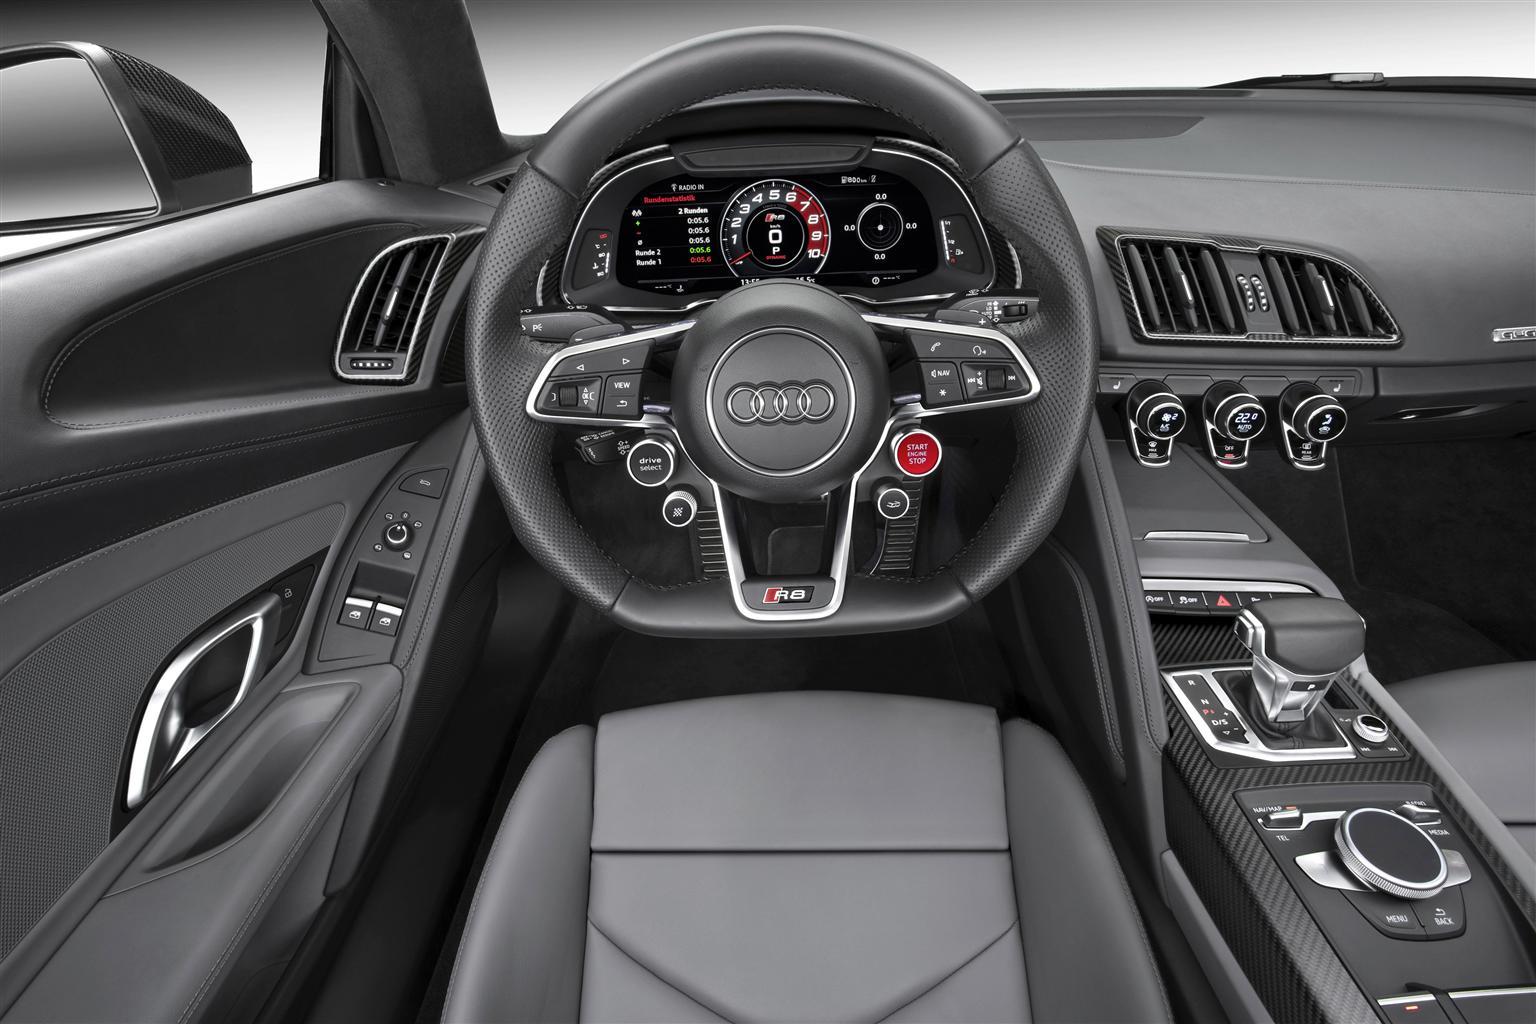 Nuova Audi R8 Coupé competitor, prezzo e prestazioni 4